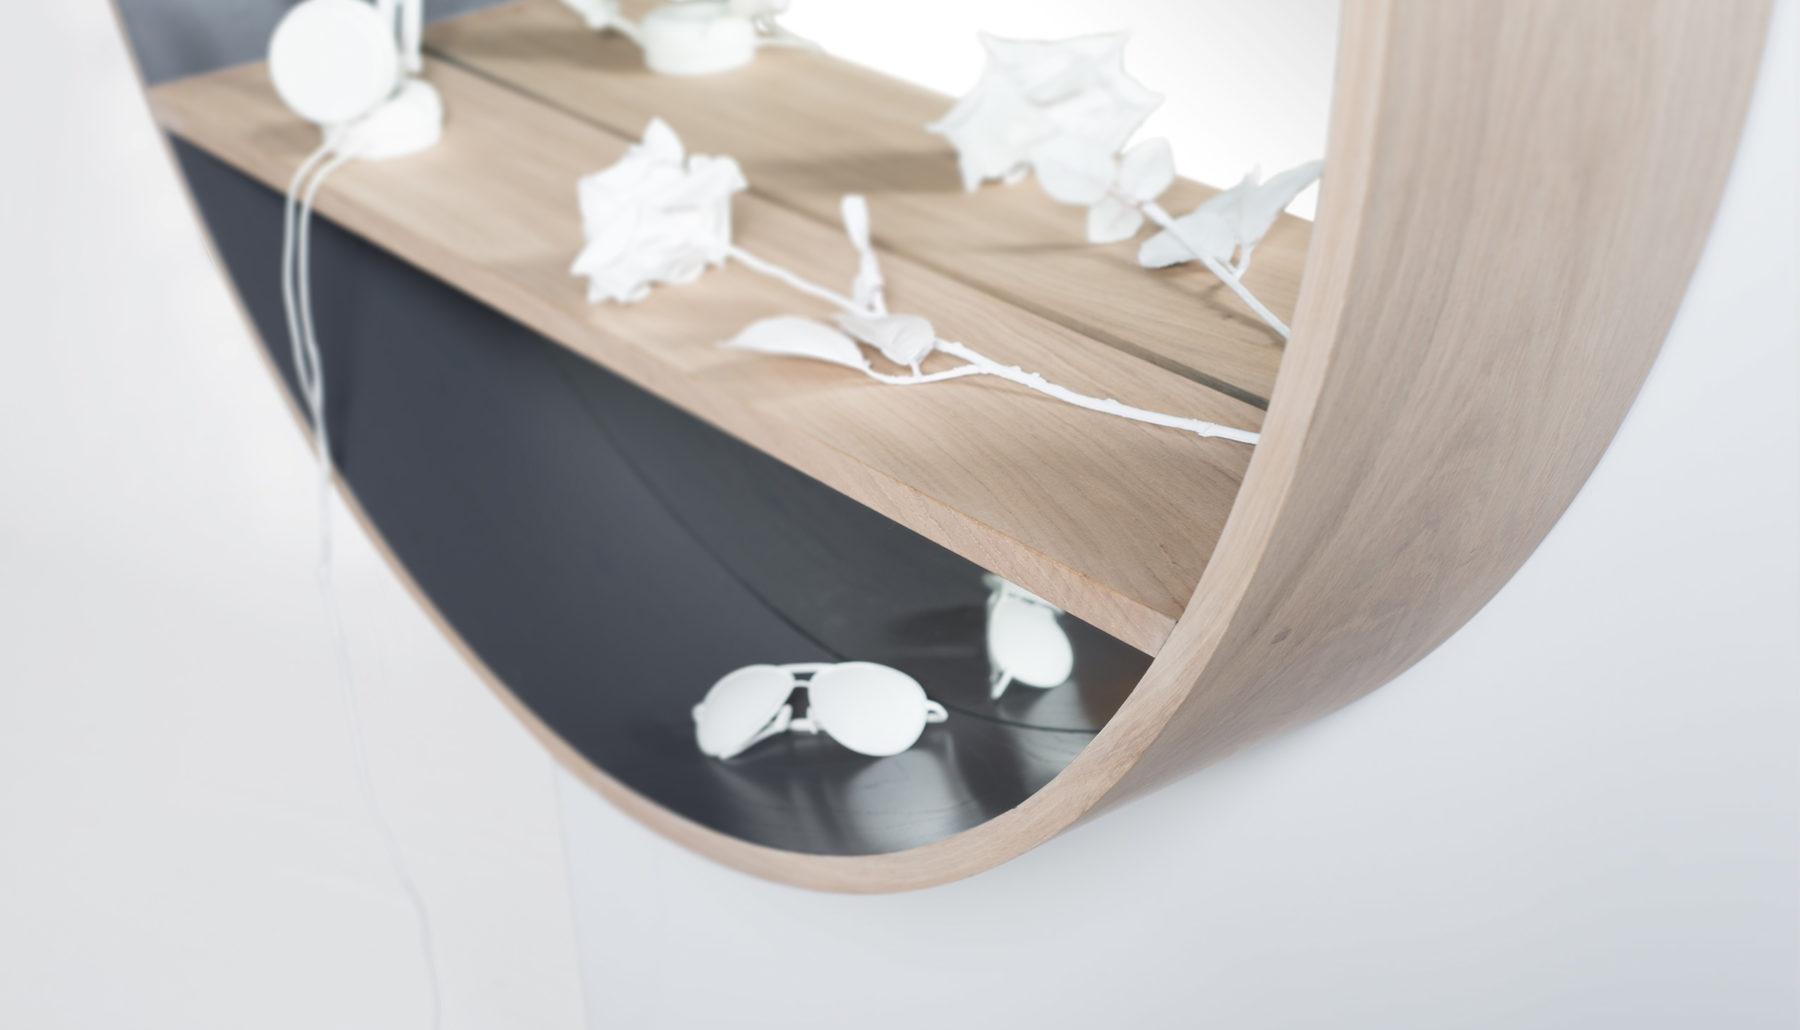 miroir-console Drugeot Manufacture L'INATELIER Nantes avec tablette intégrée- mirror diamètre125